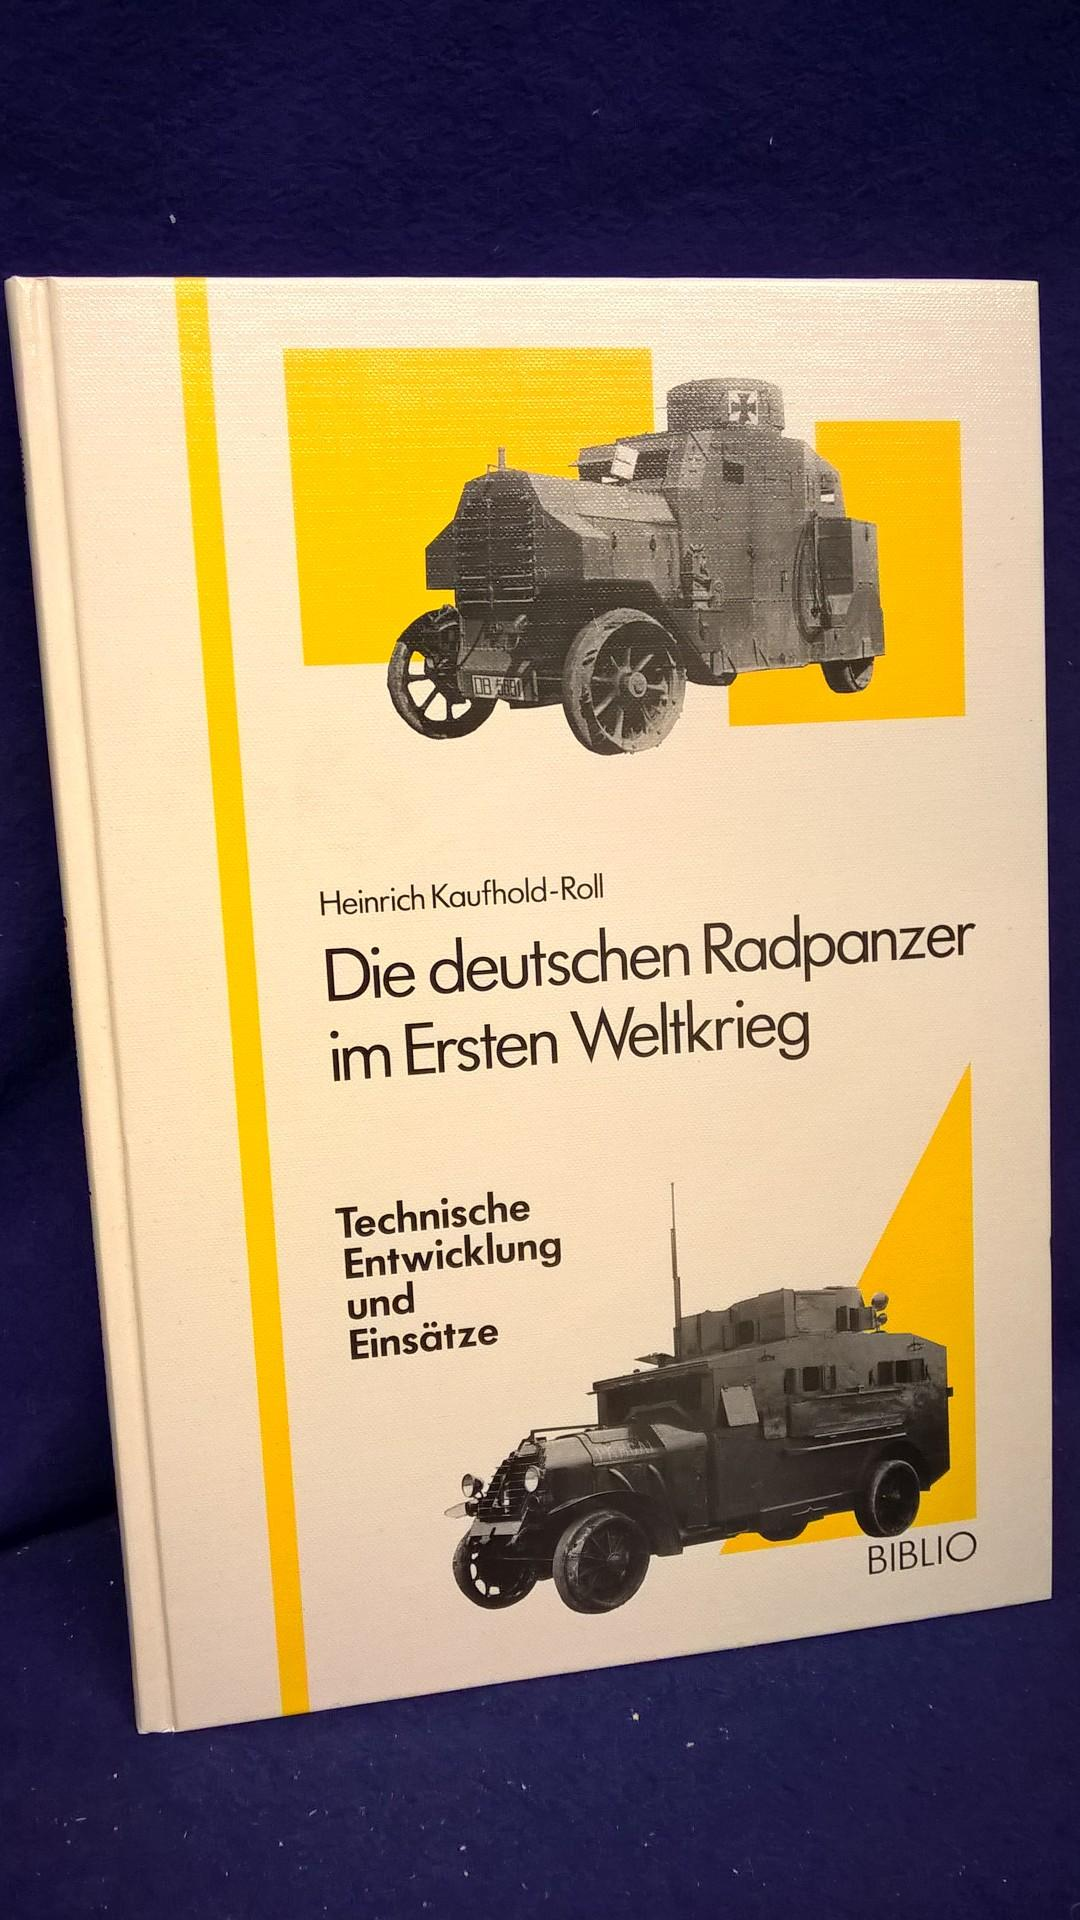 Die deutschen Radpanzer im Ersten Weltkrieg. Technische Entwicklung und Einsätze.